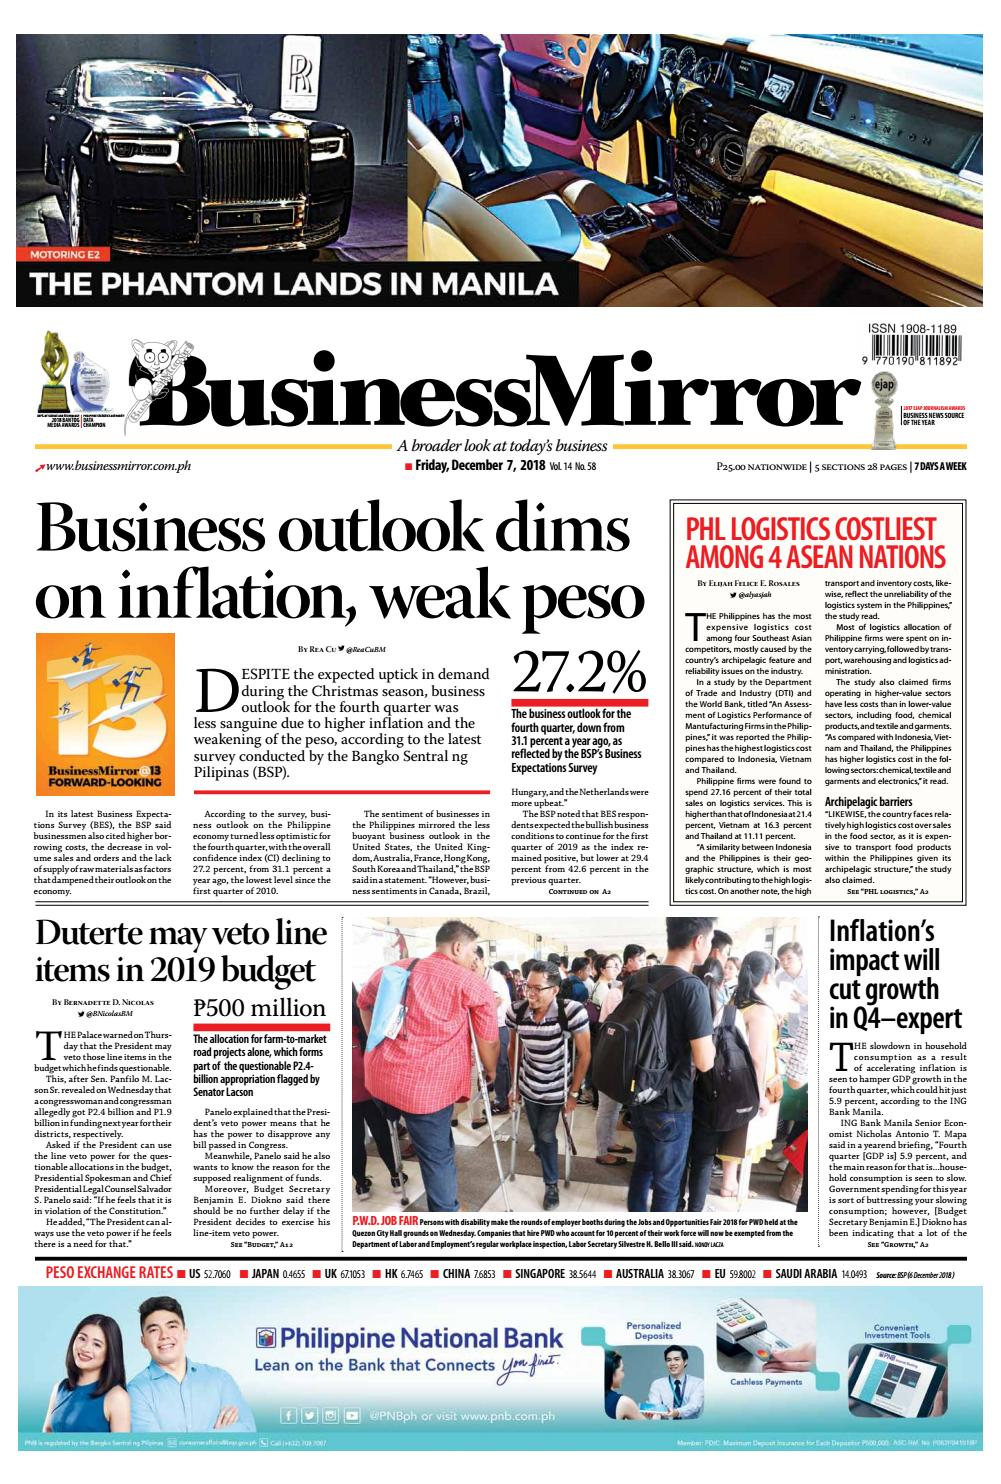 Businessmirror December 07, 2018 by BusinessMirror - issuu